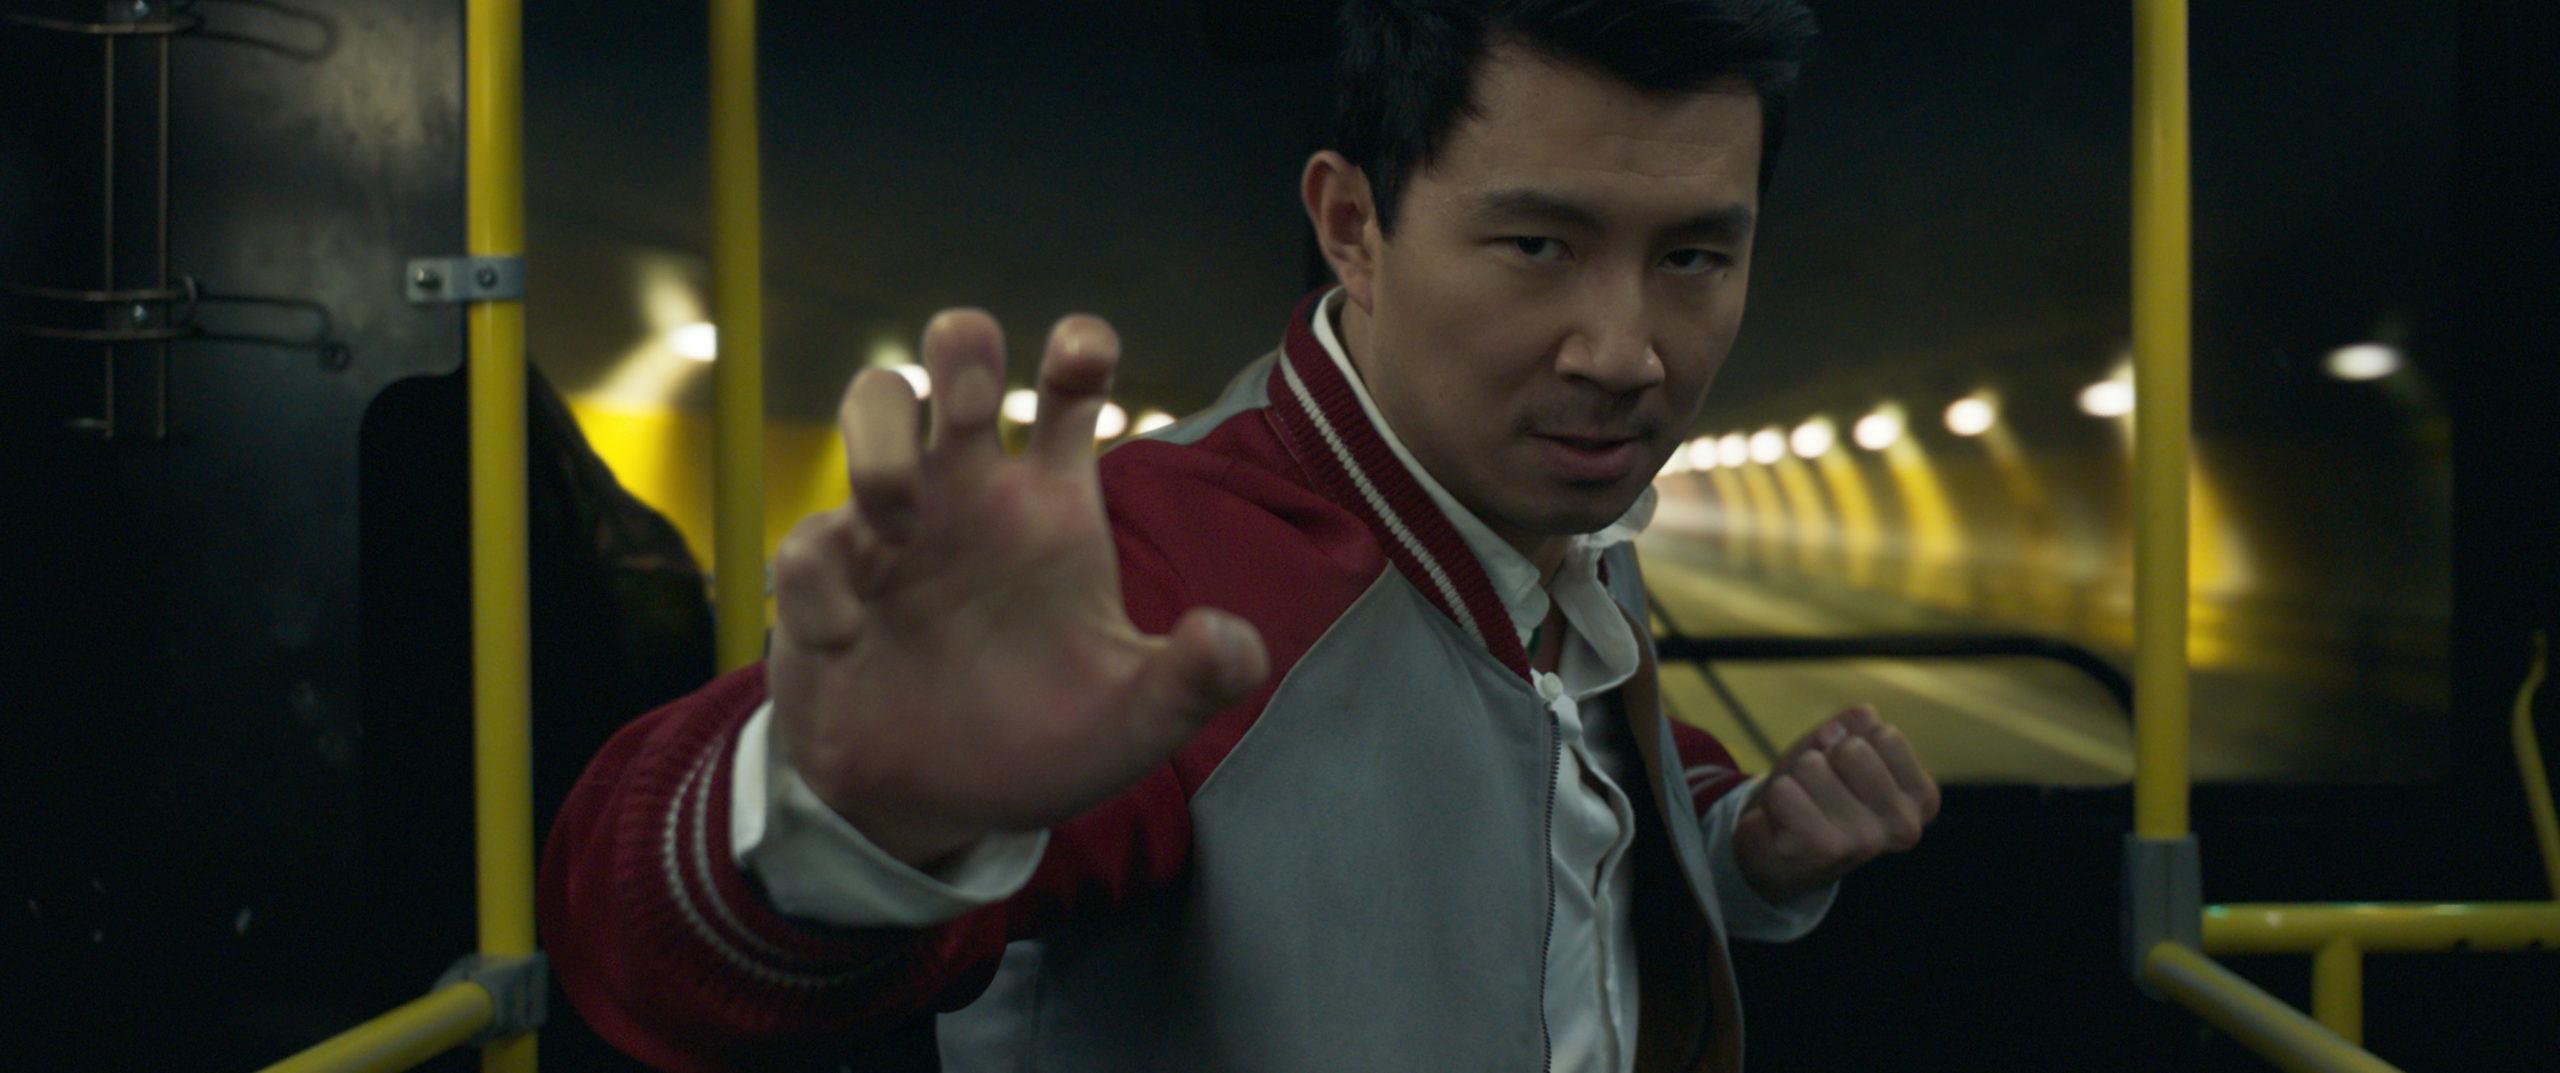 Arriva oggi nelle sale italiane il film Marvel Shang-Chi e la leggenda dei dieci anelli